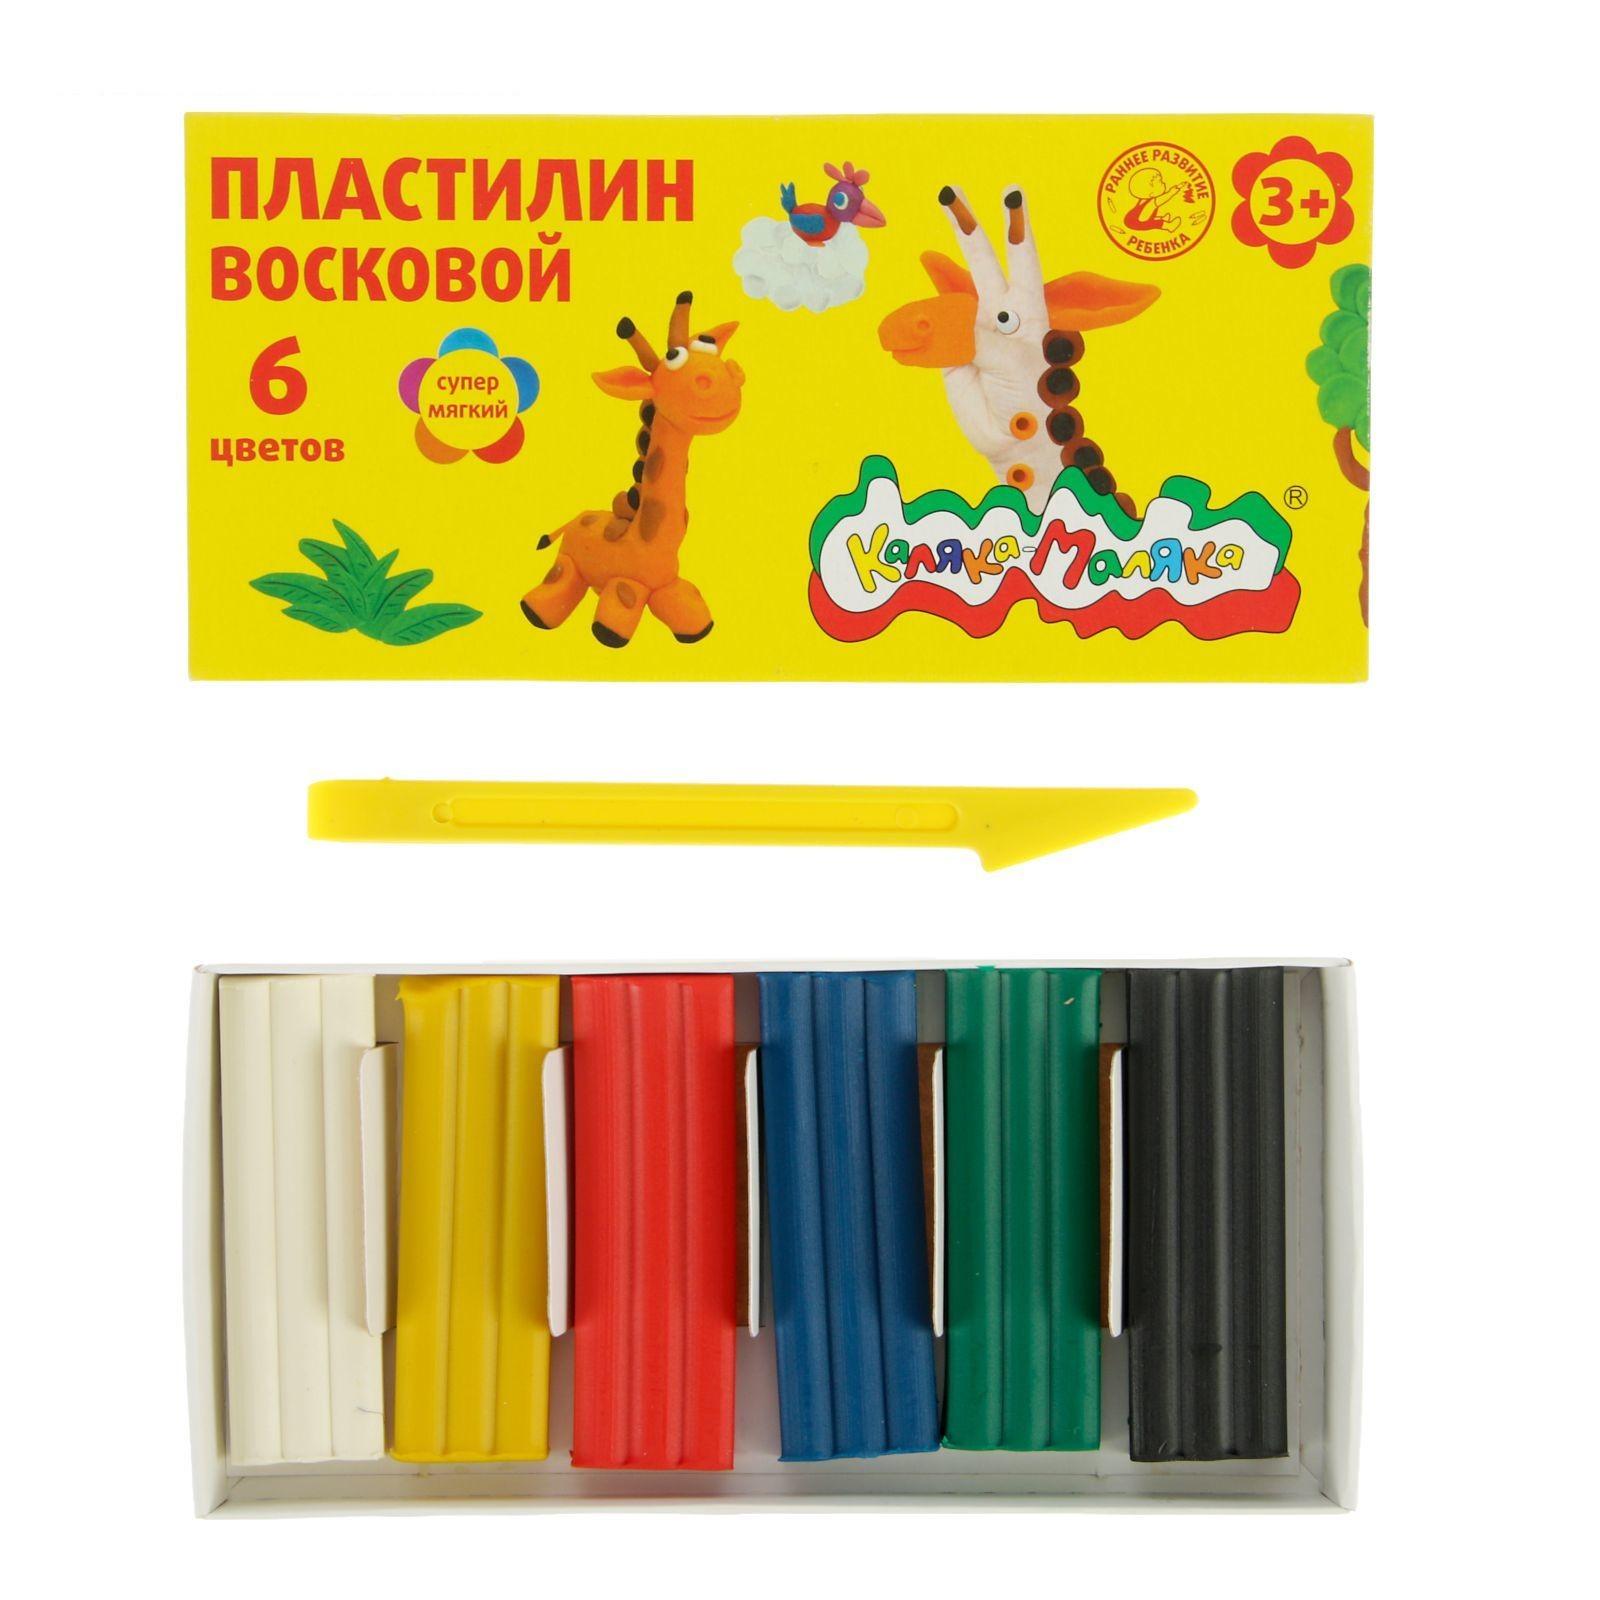 Пластилин восковой Каляка-Маляка 6 цв. 90г, стек цена